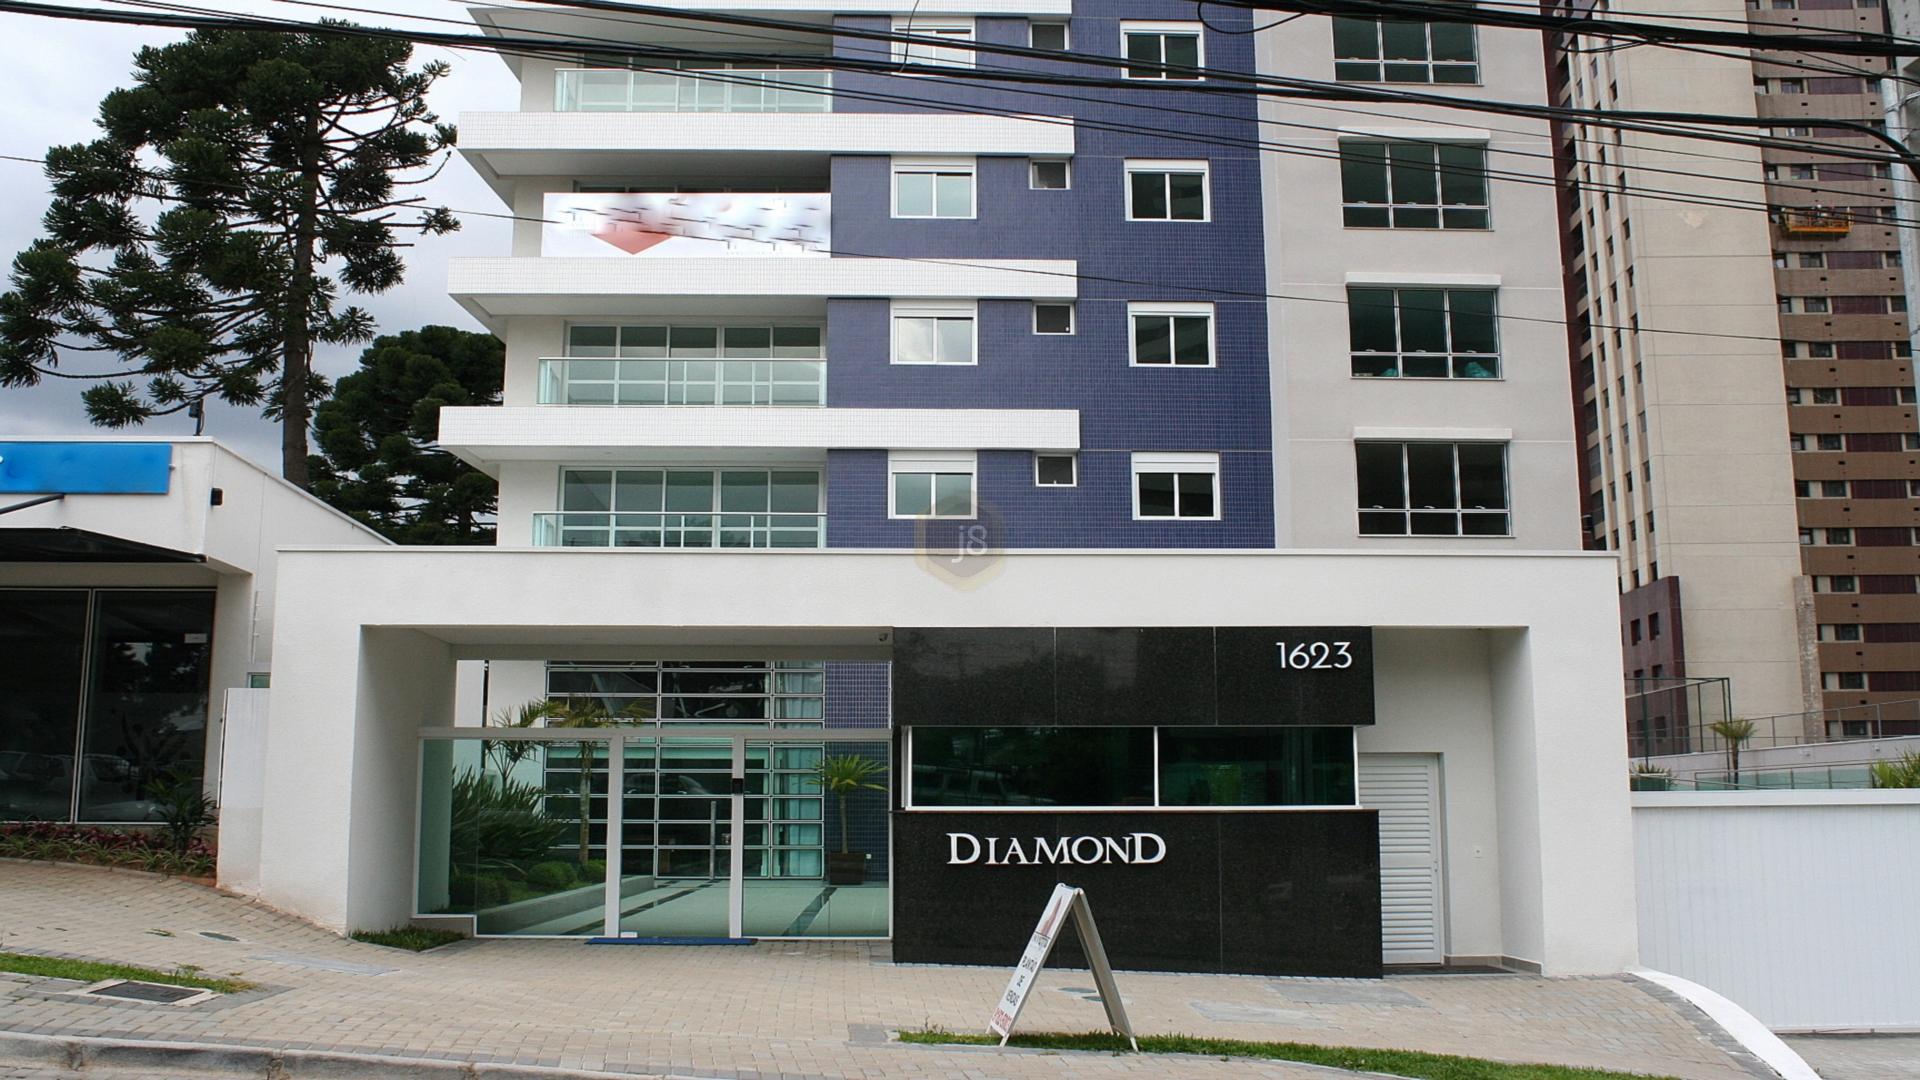 Foto de destaque Imponente apartamento alto padrão ecoville